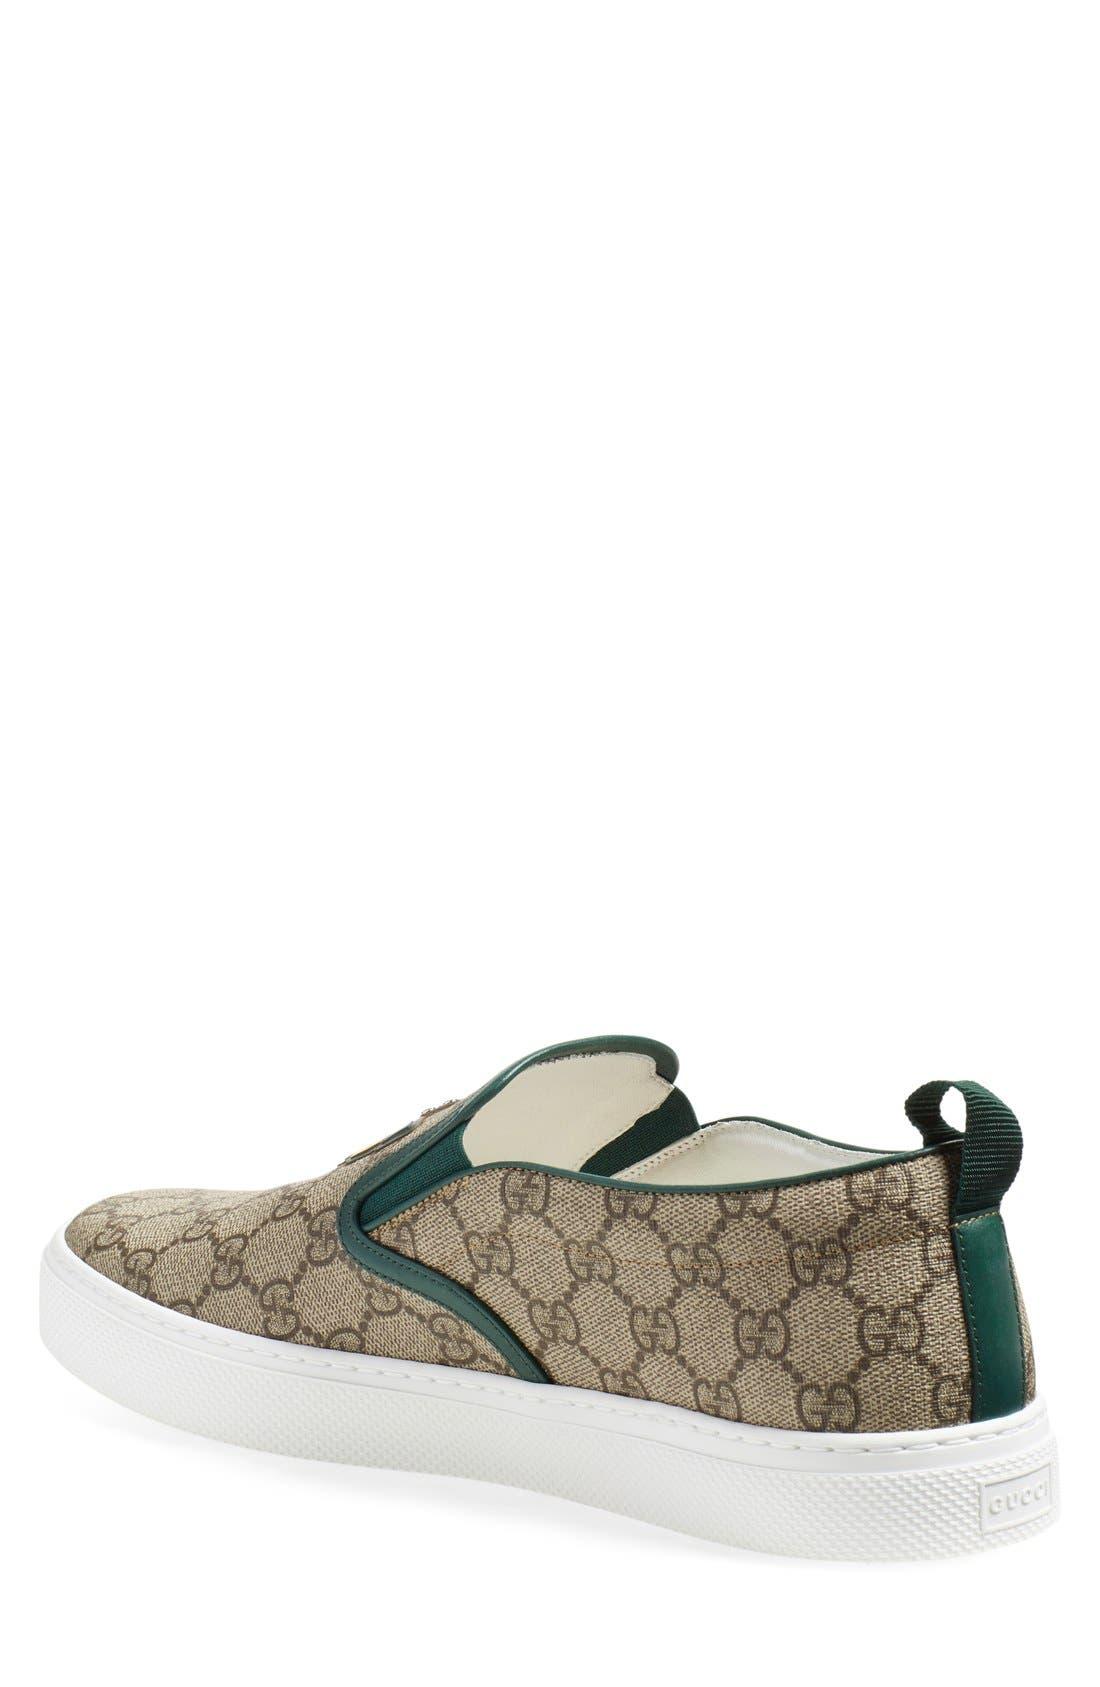 Dublin Slip-On Sneaker,                             Alternate thumbnail 24, color,